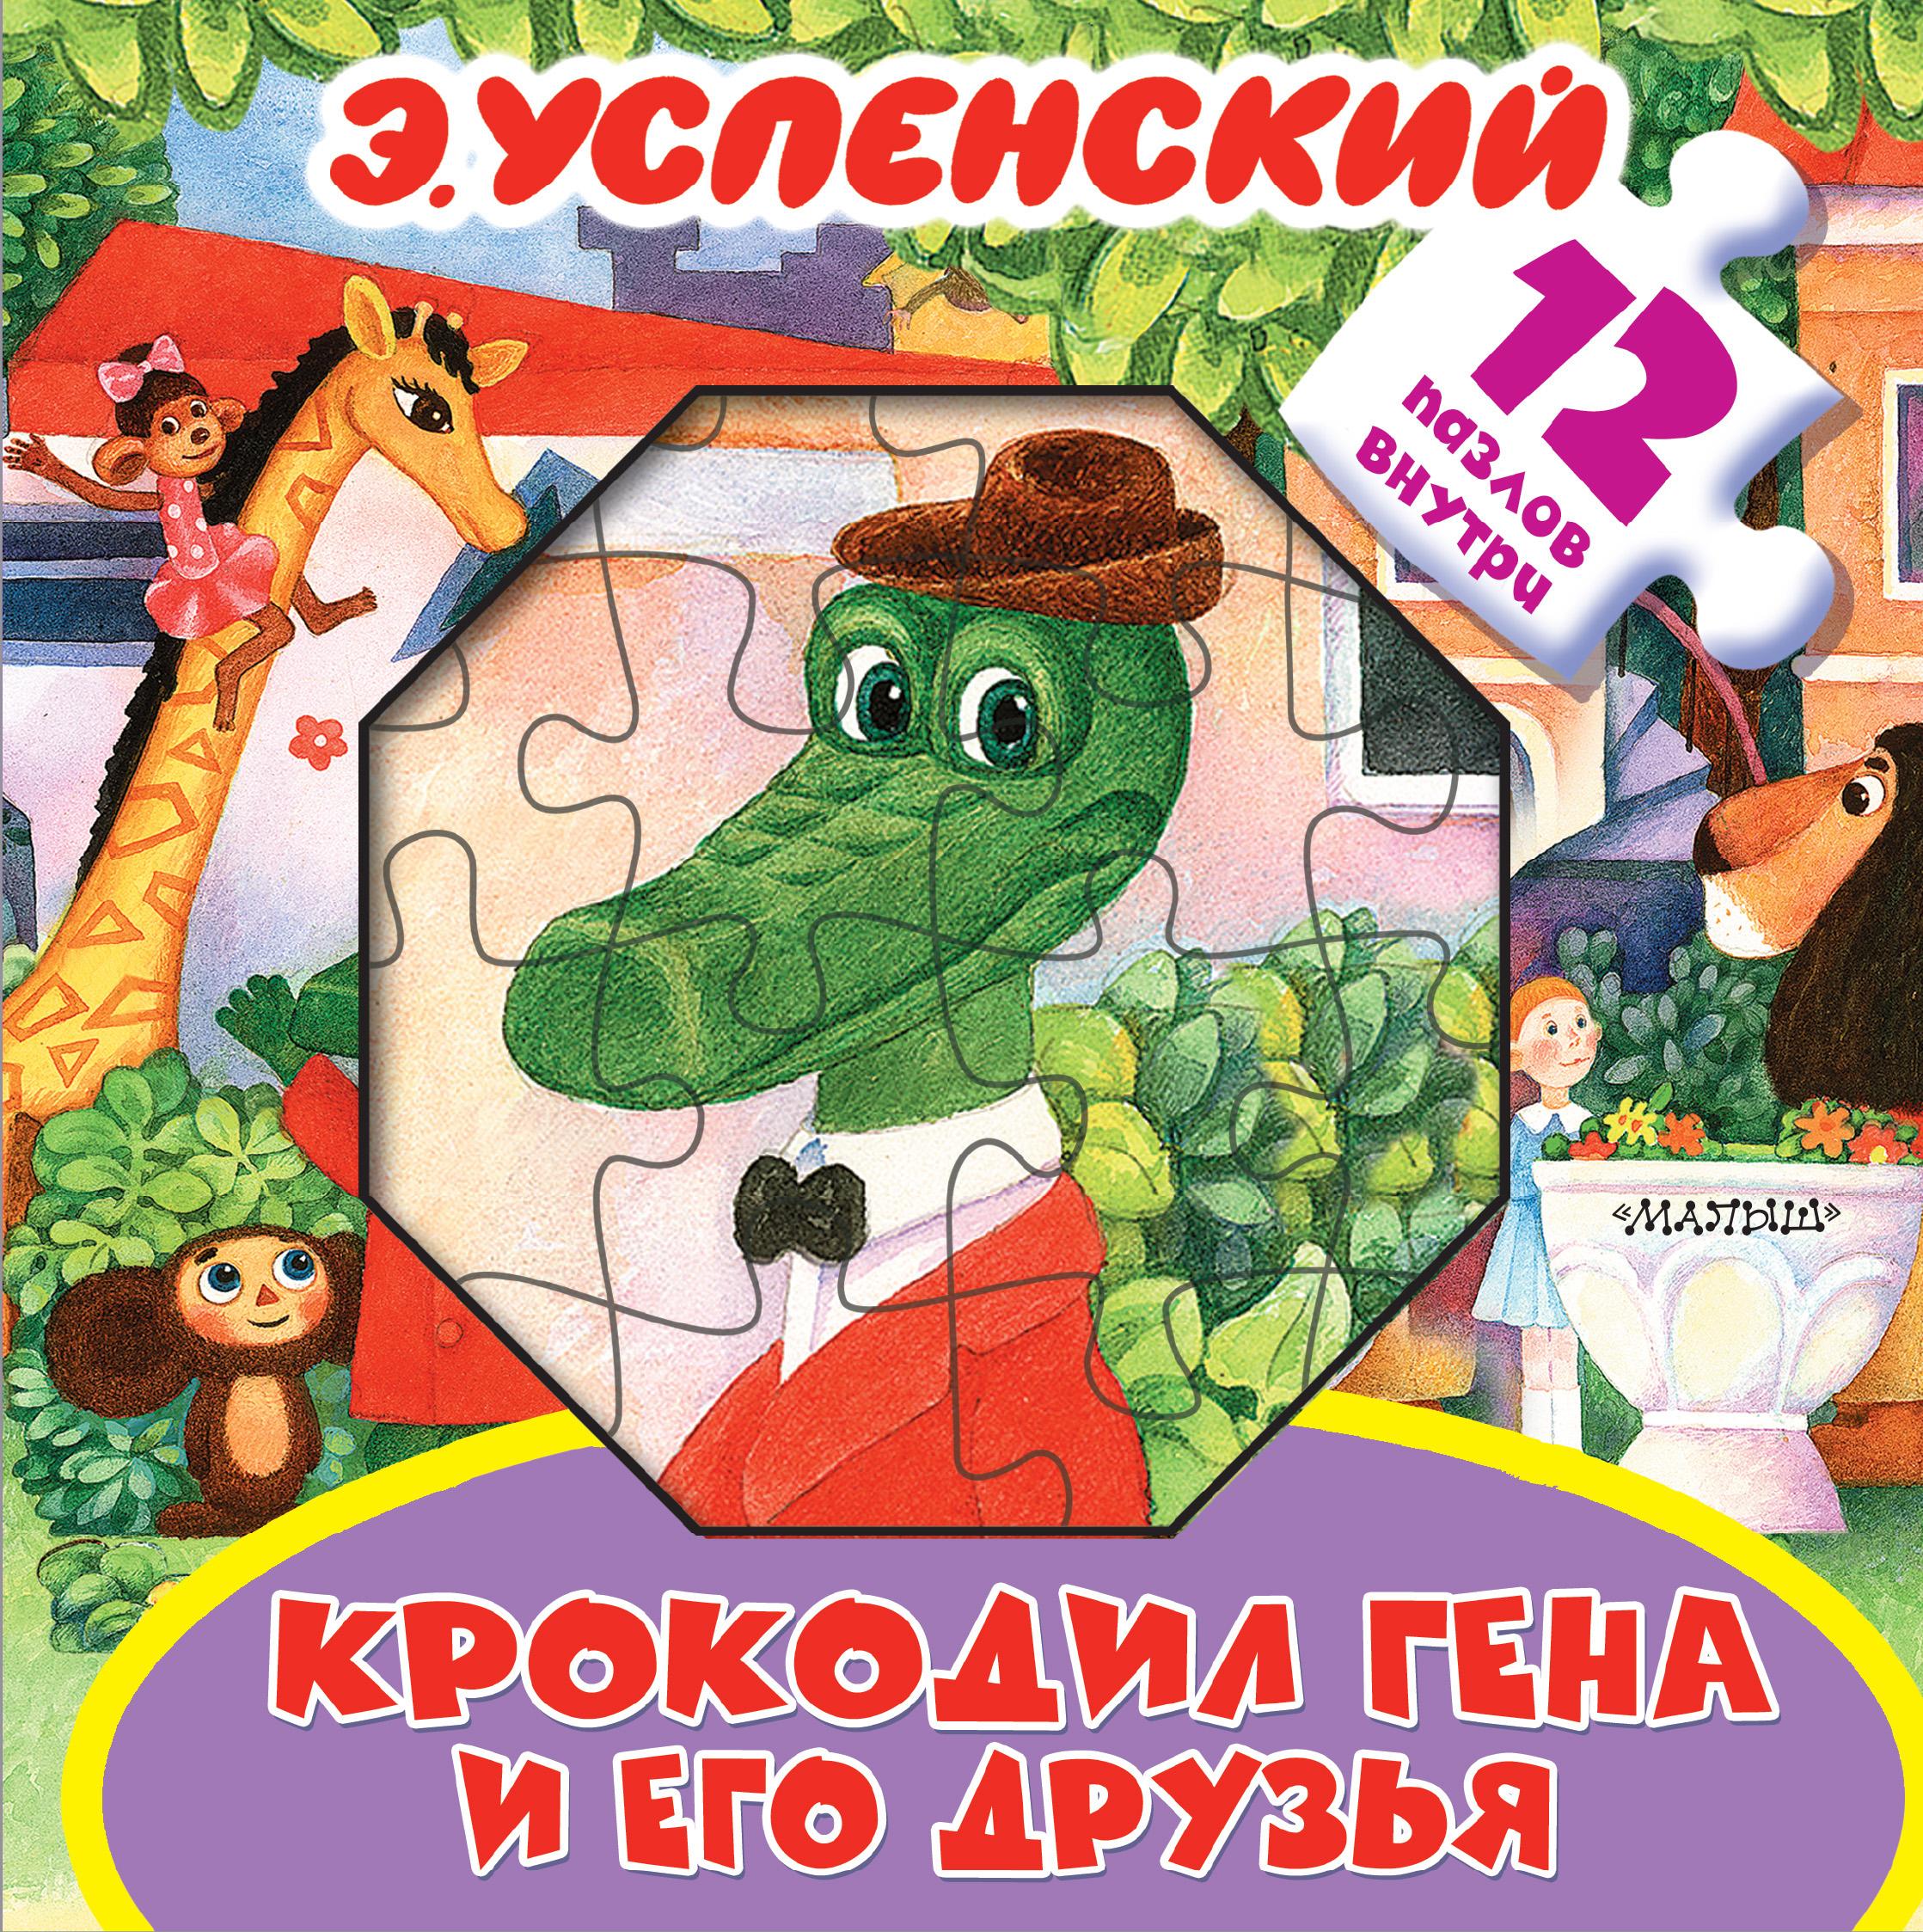 Крокодил Гена и его друзья ( Успенский Э.Н.  )